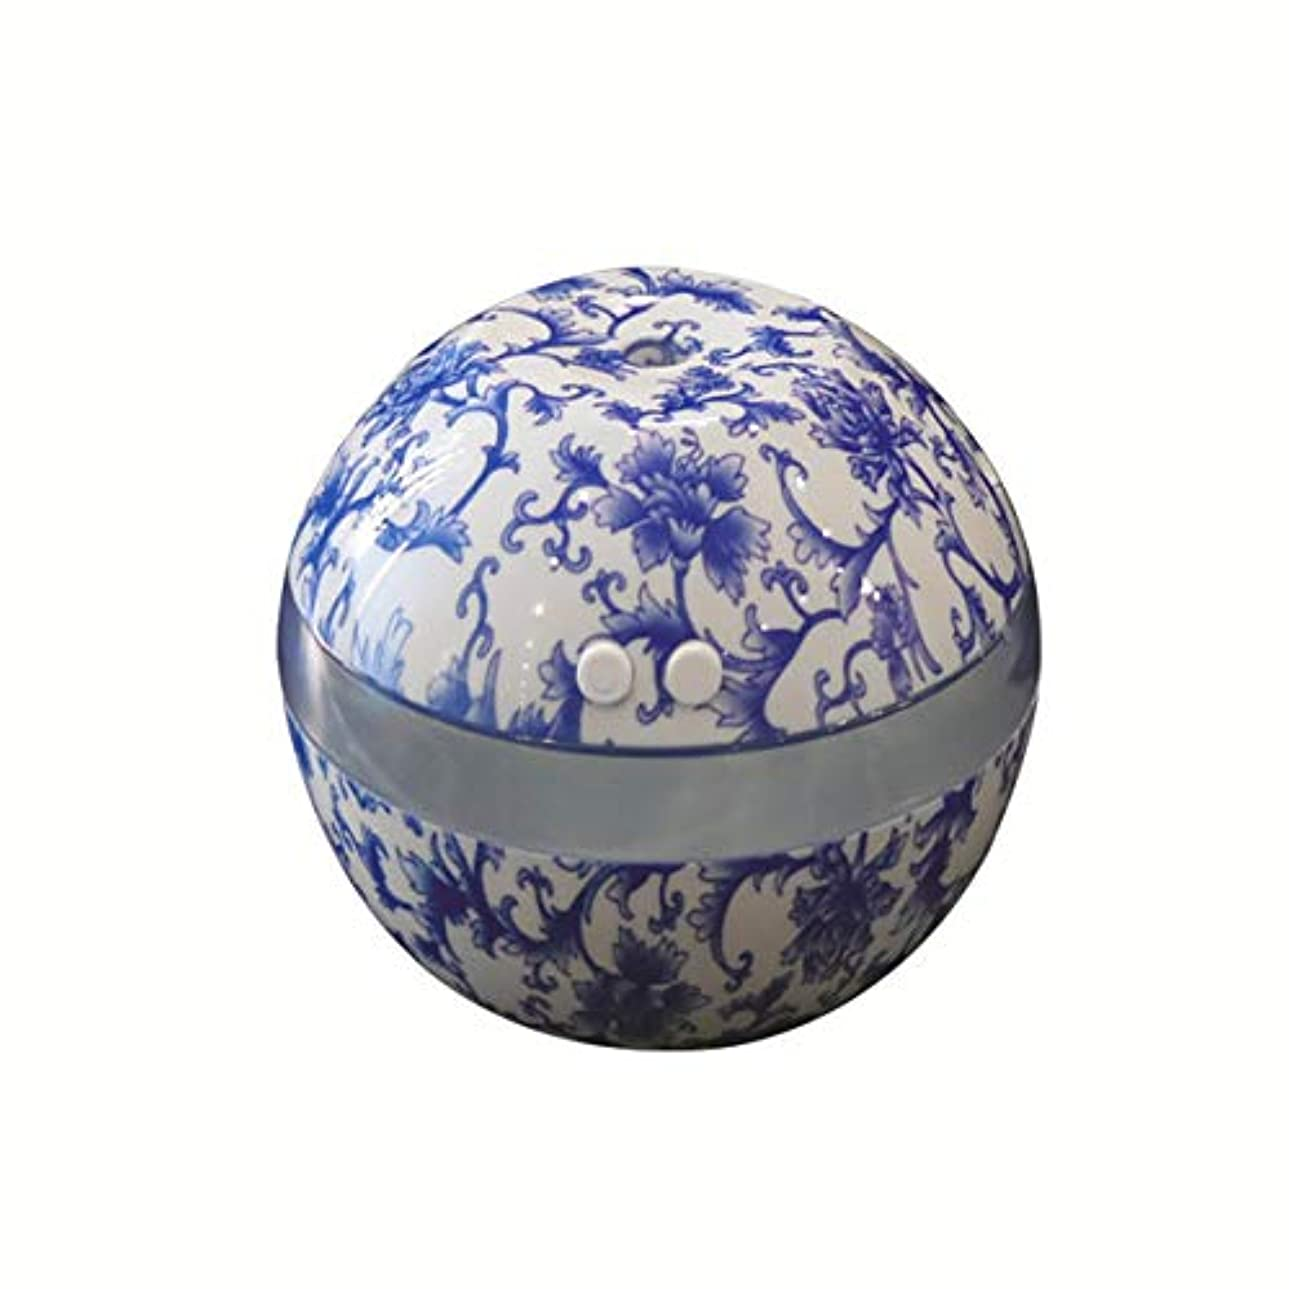 オーバーラン開始羊Saikogoods ブルー&ホワイトの磁器ホームオフィスSPAのための超音波加湿空気加湿器アロマエッセンシャルオイルディフューザーアロマセラピー 白青